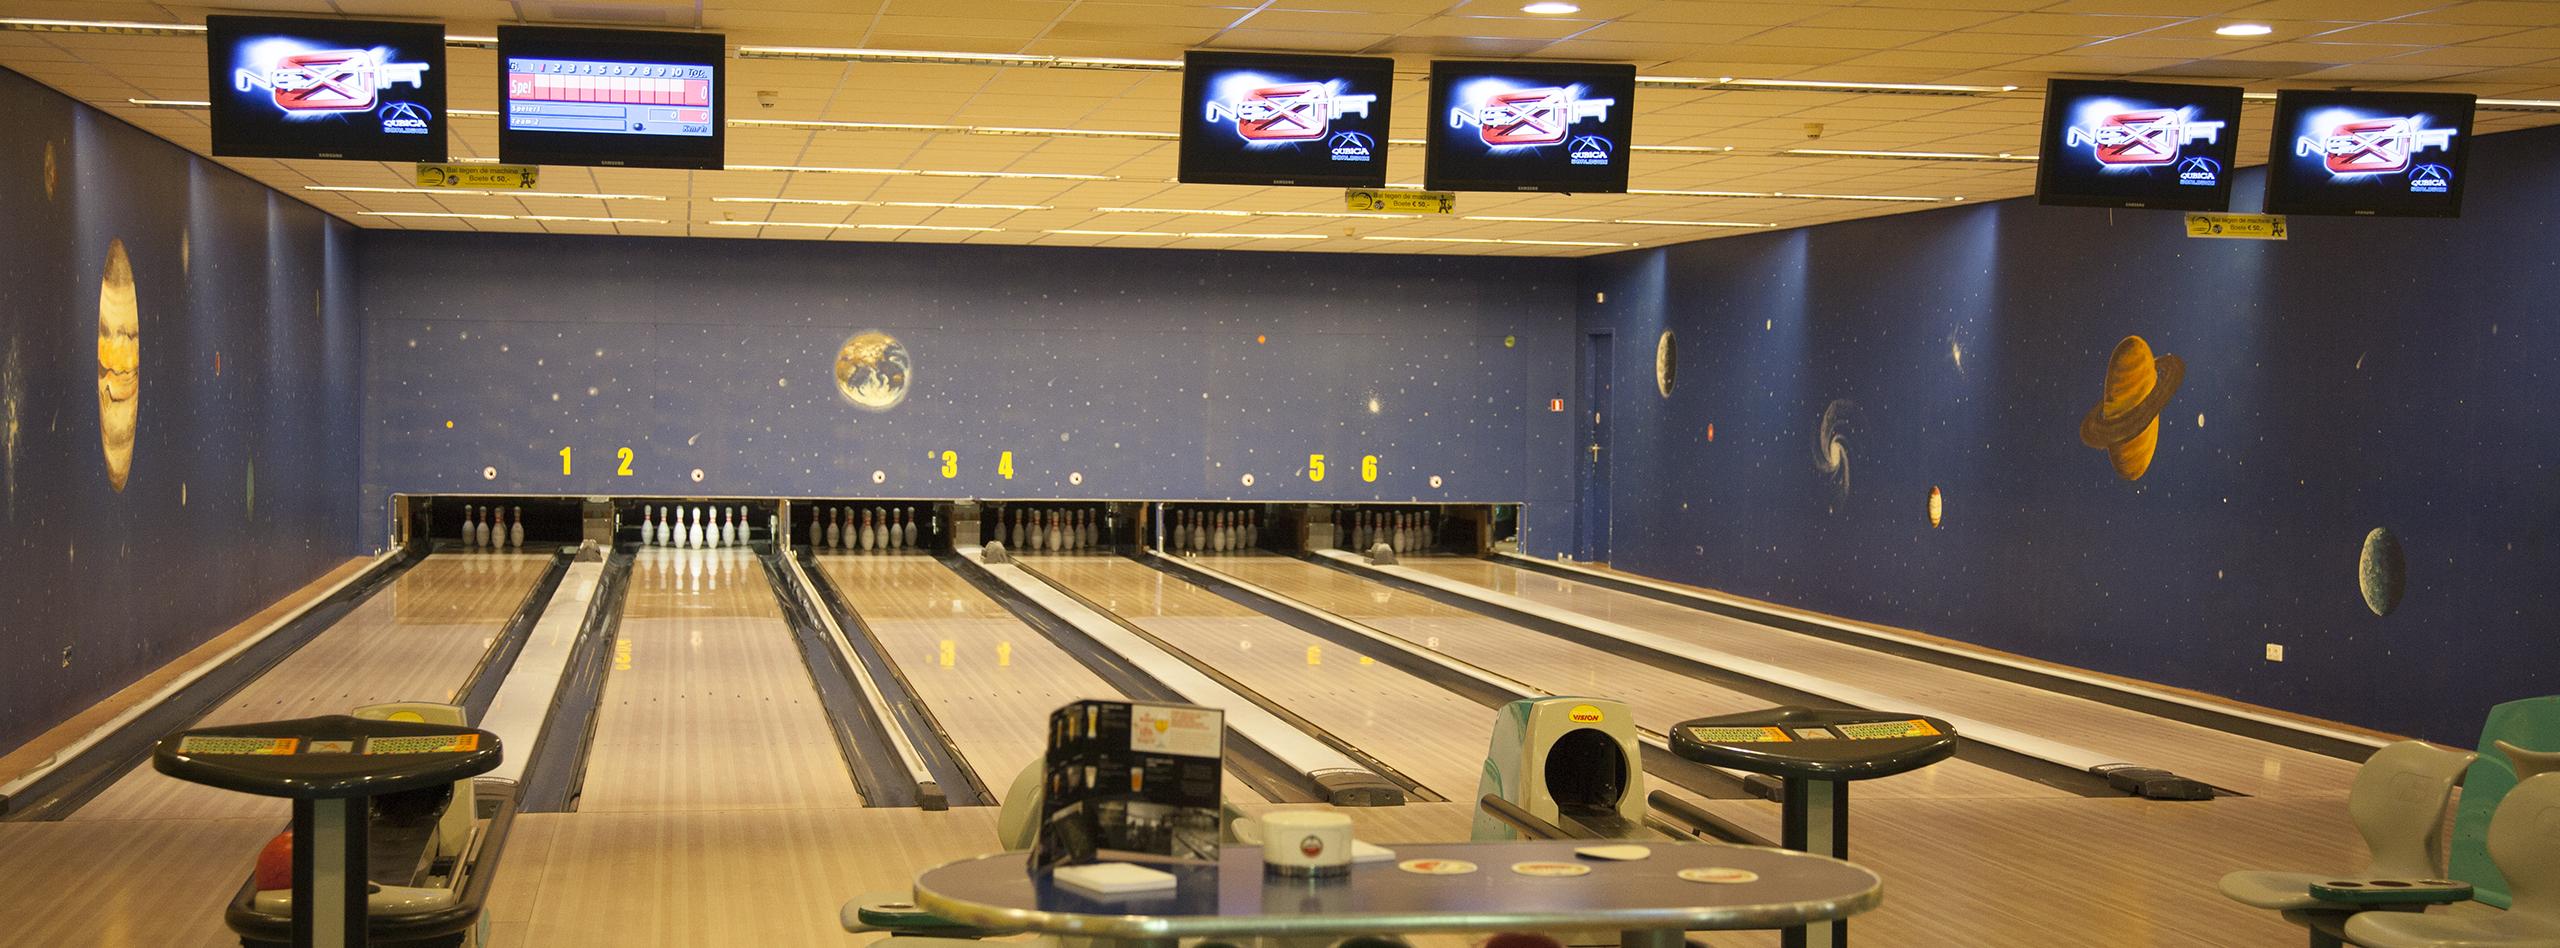 tijden en tarieven bowling